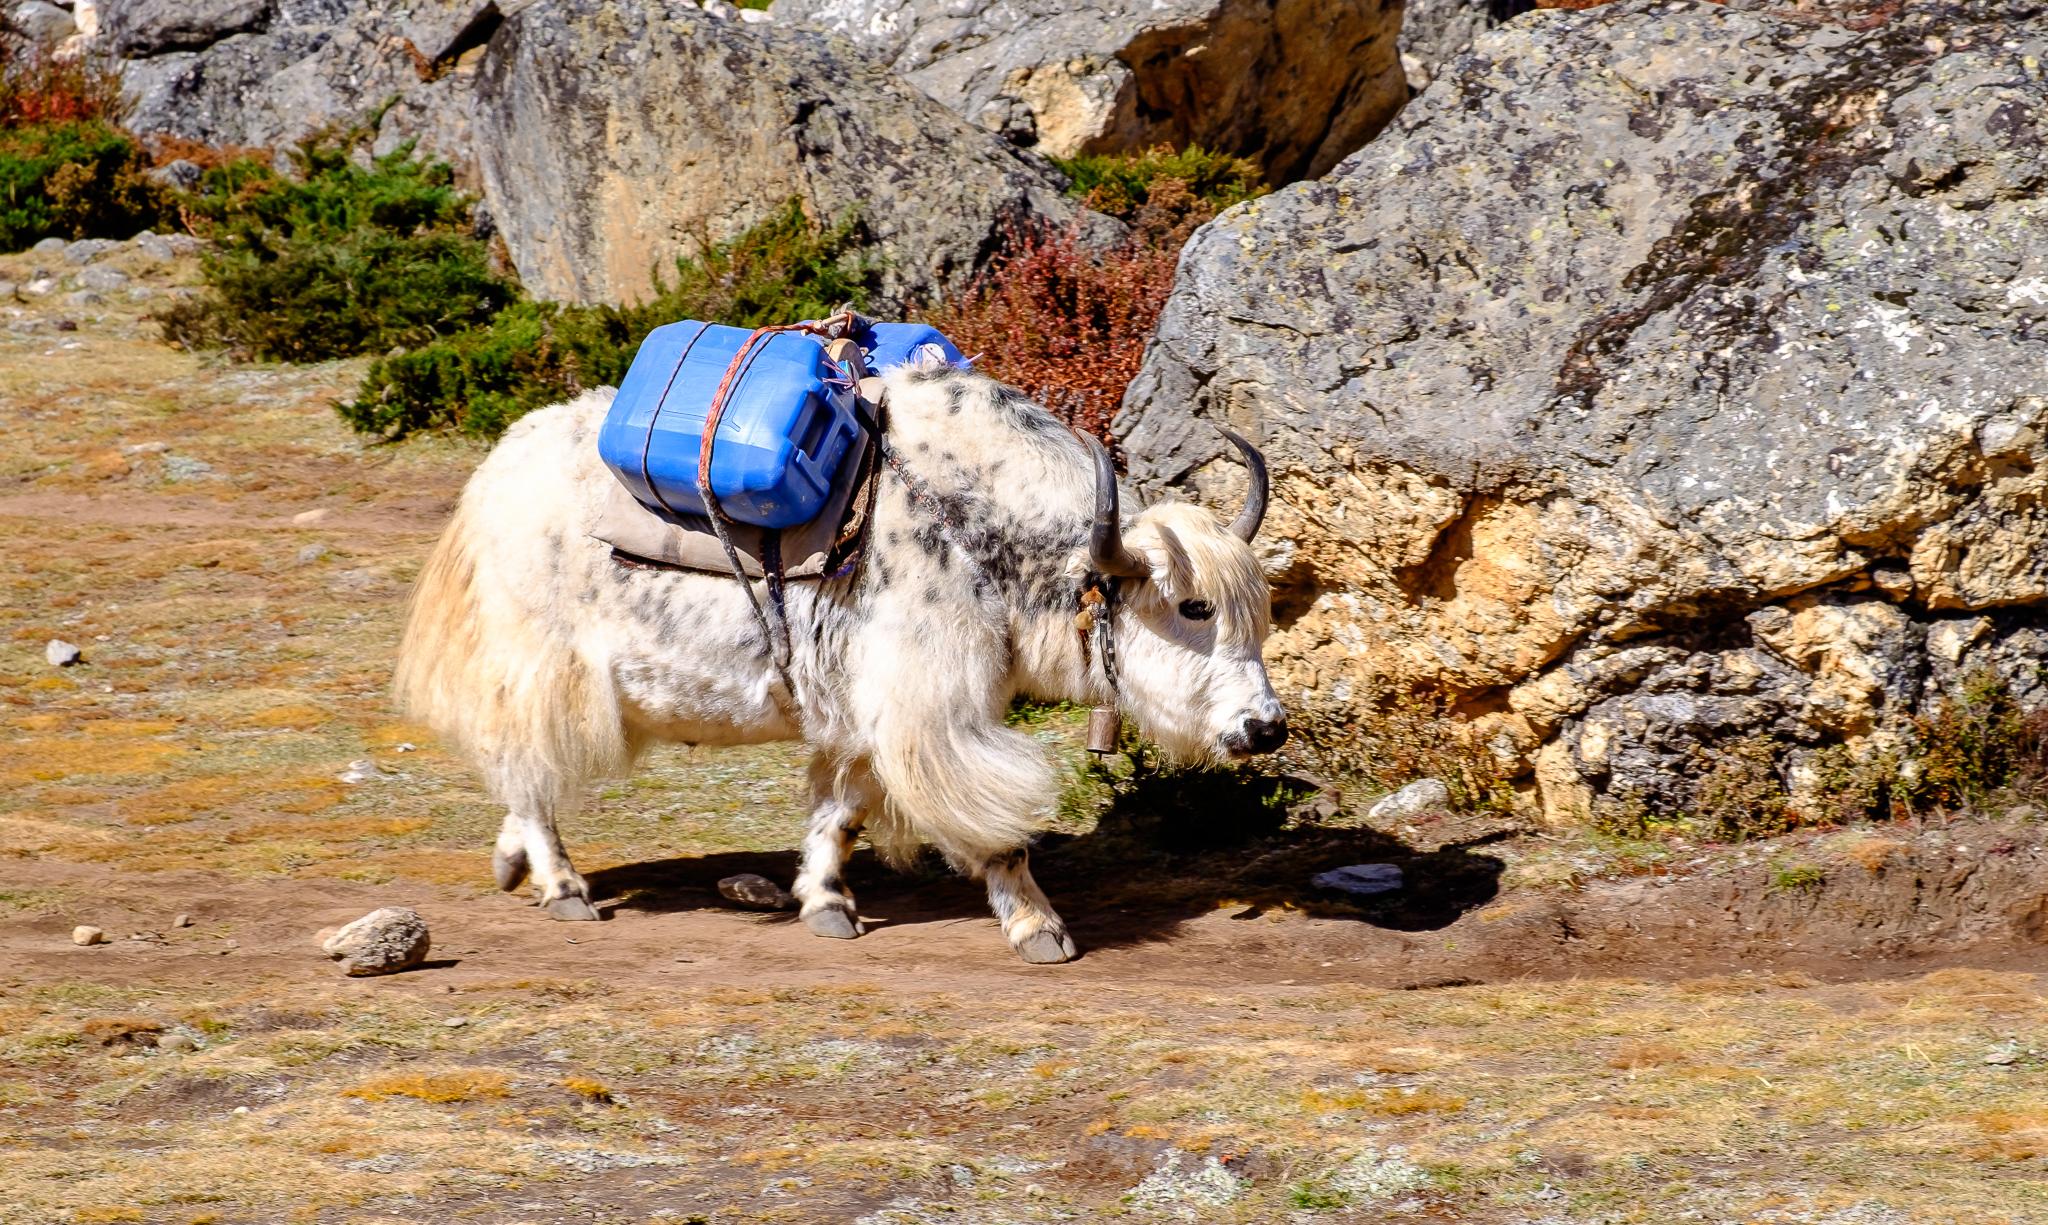 EverestTrekPart8_005.jpg